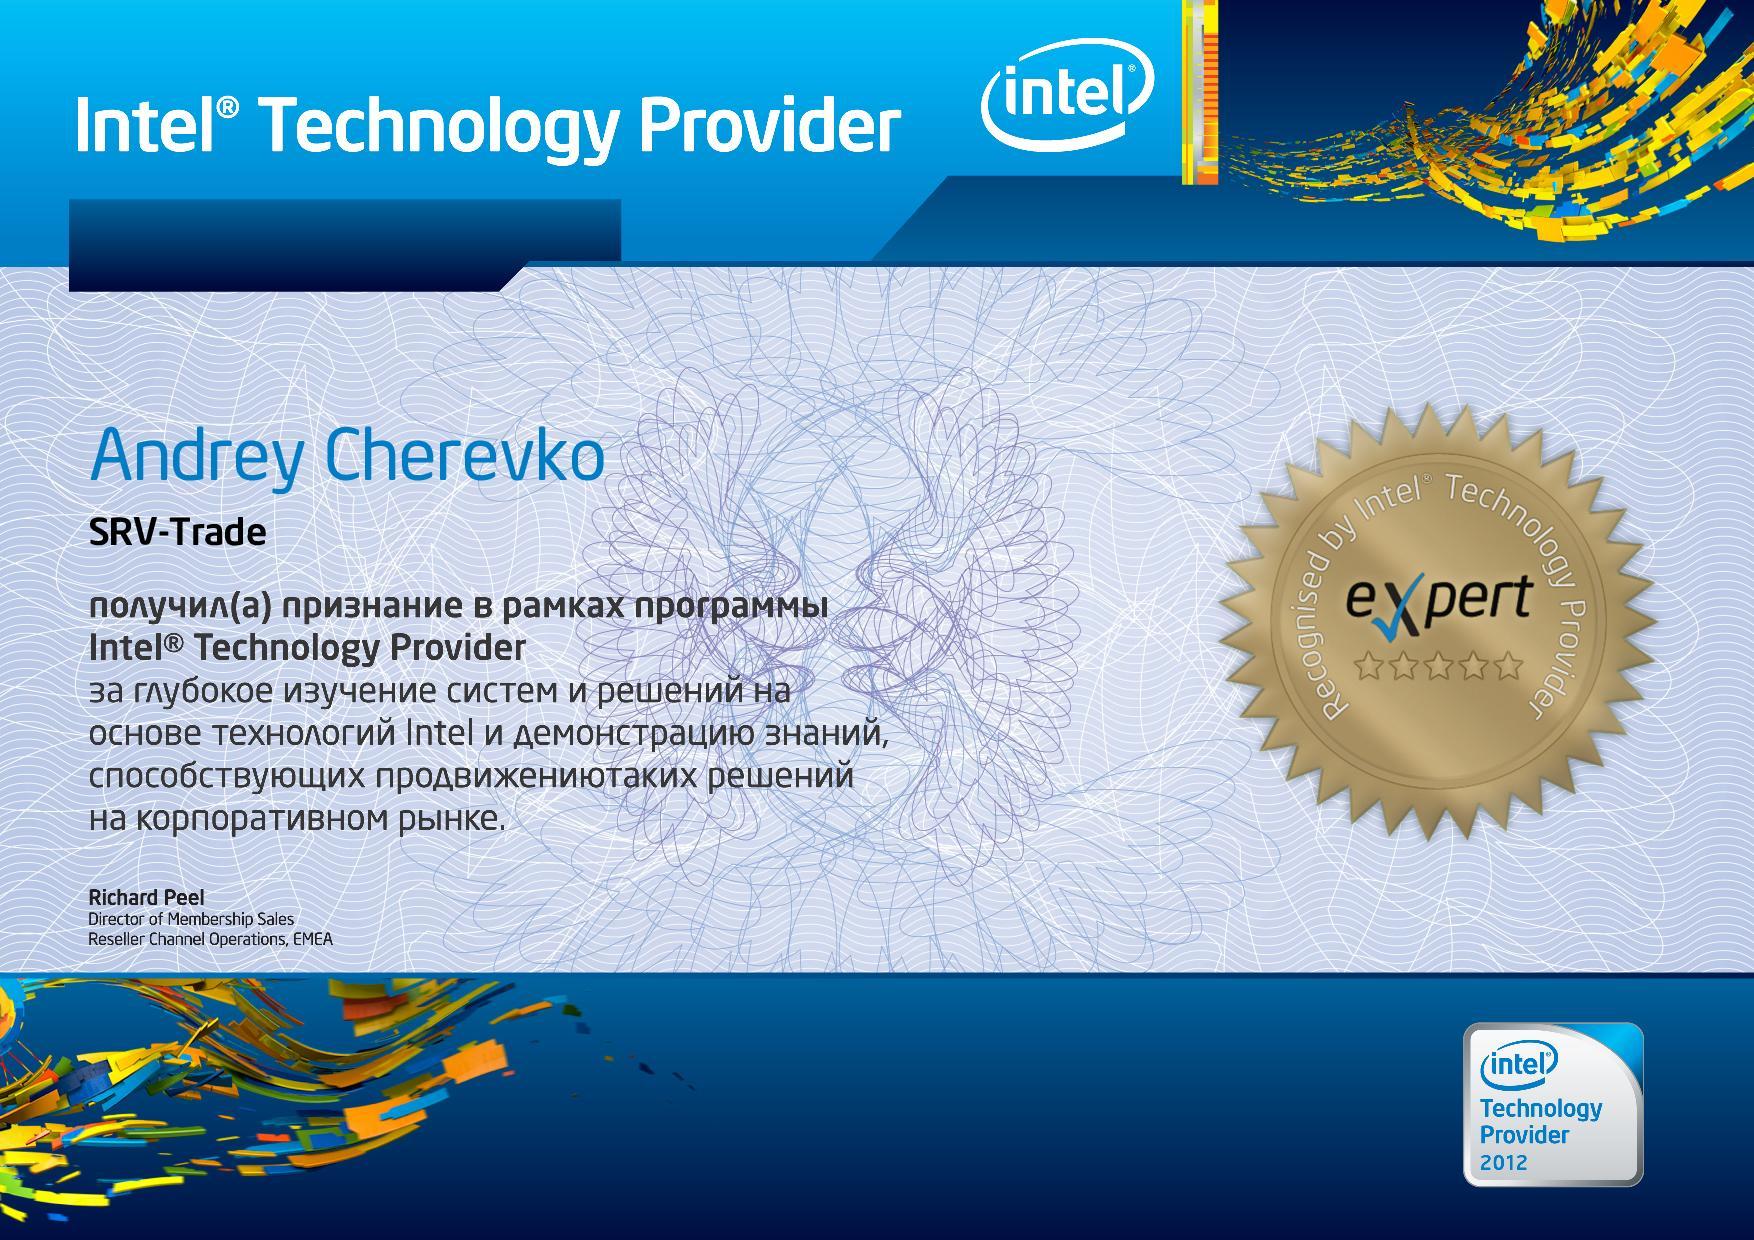 Андрей Черевко, Intel сертифицированный специалист